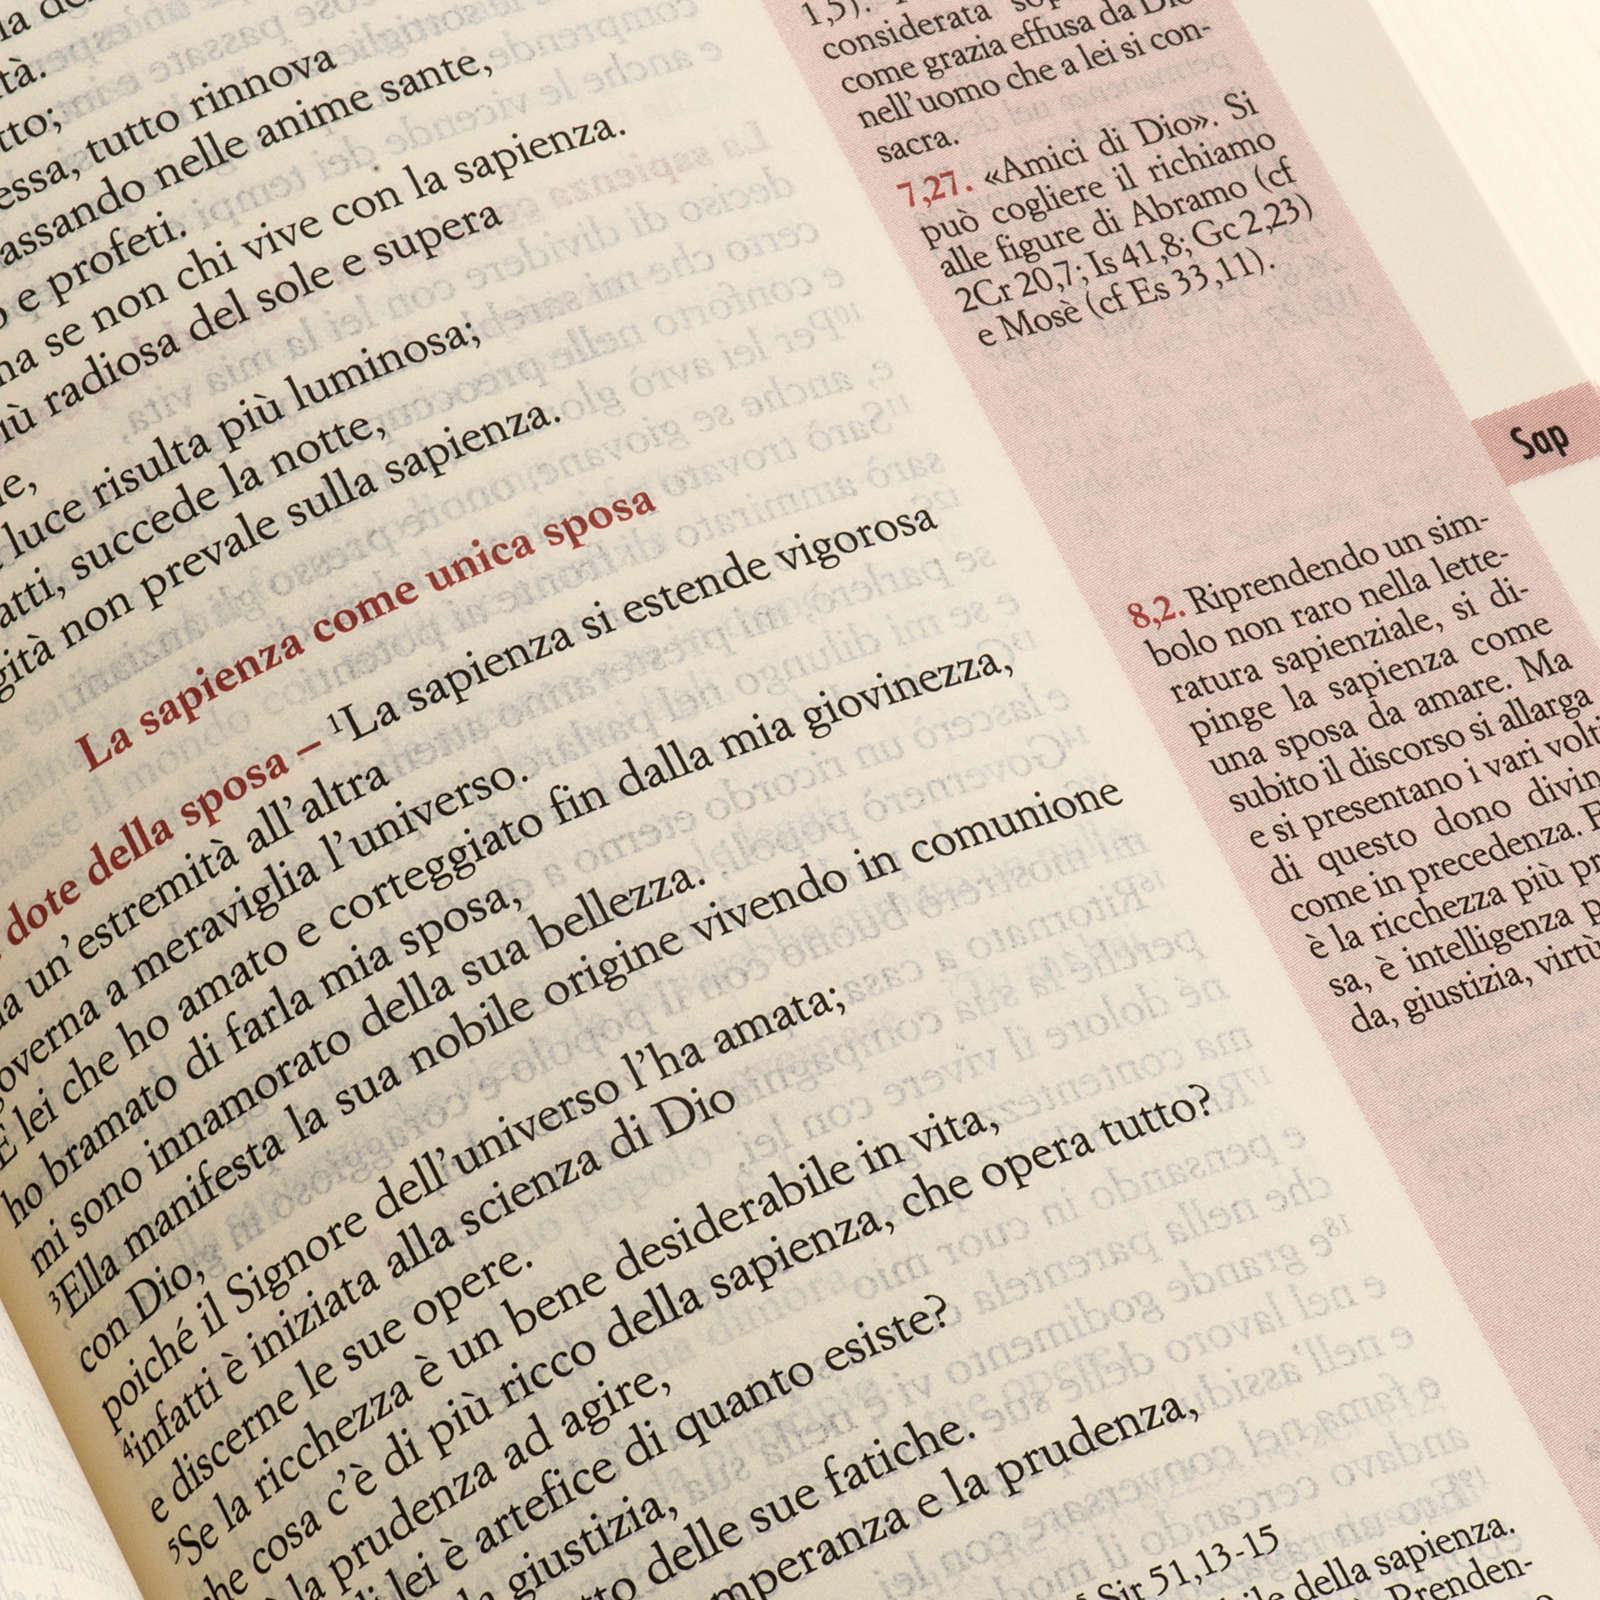 Bibbia Via Verità e Vita San Paolo 4